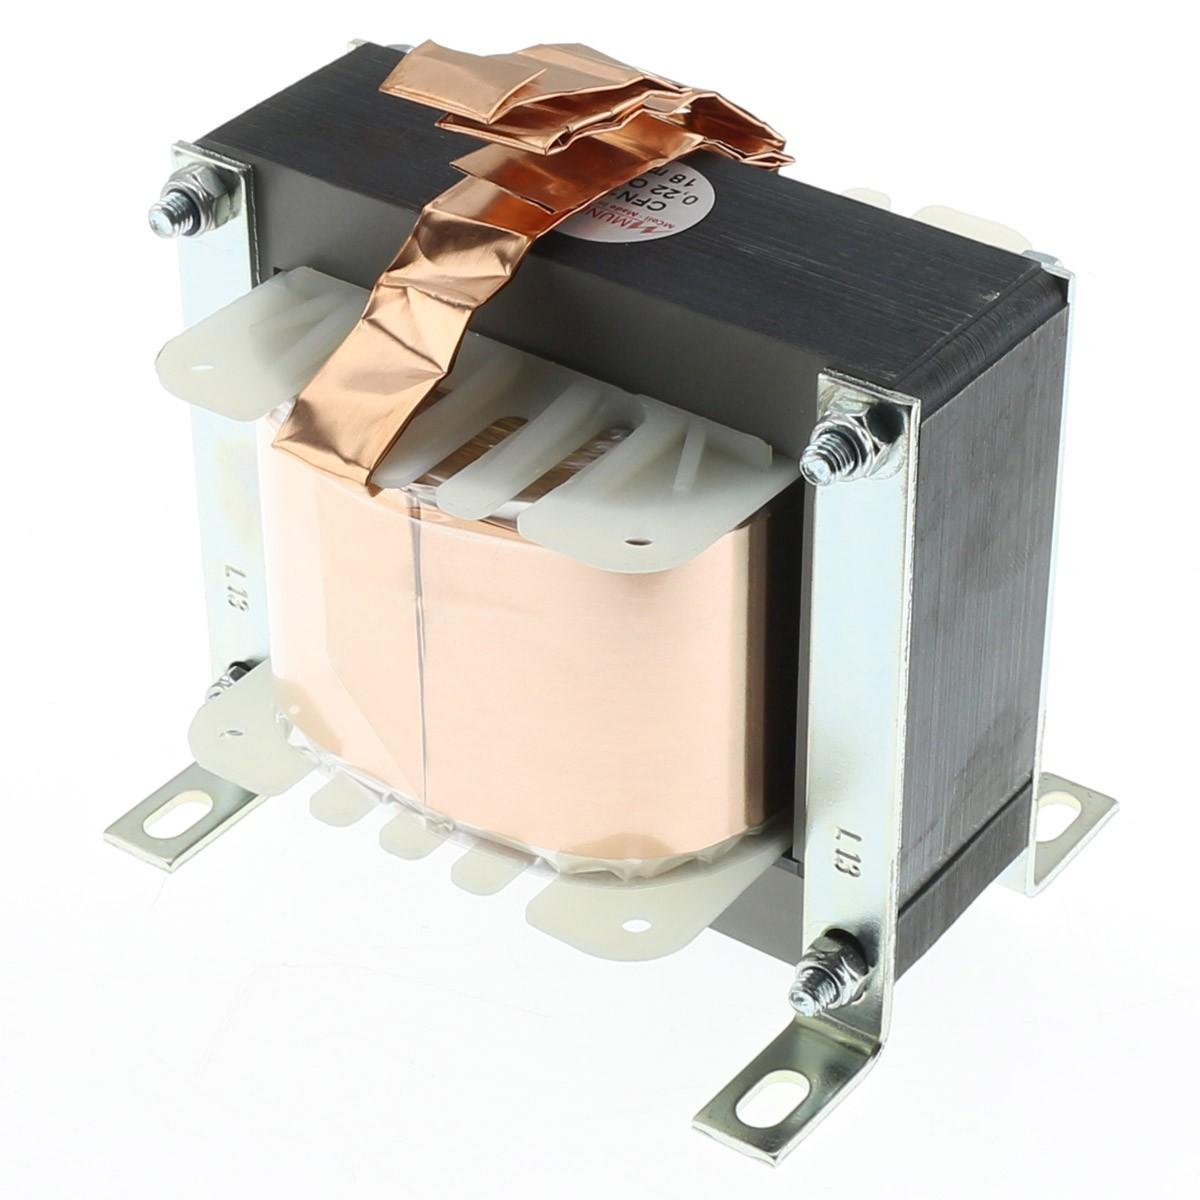 MUNDORF CFN14 Copper Foil Ferron Core Coil Zero-Ohm 3.9mH